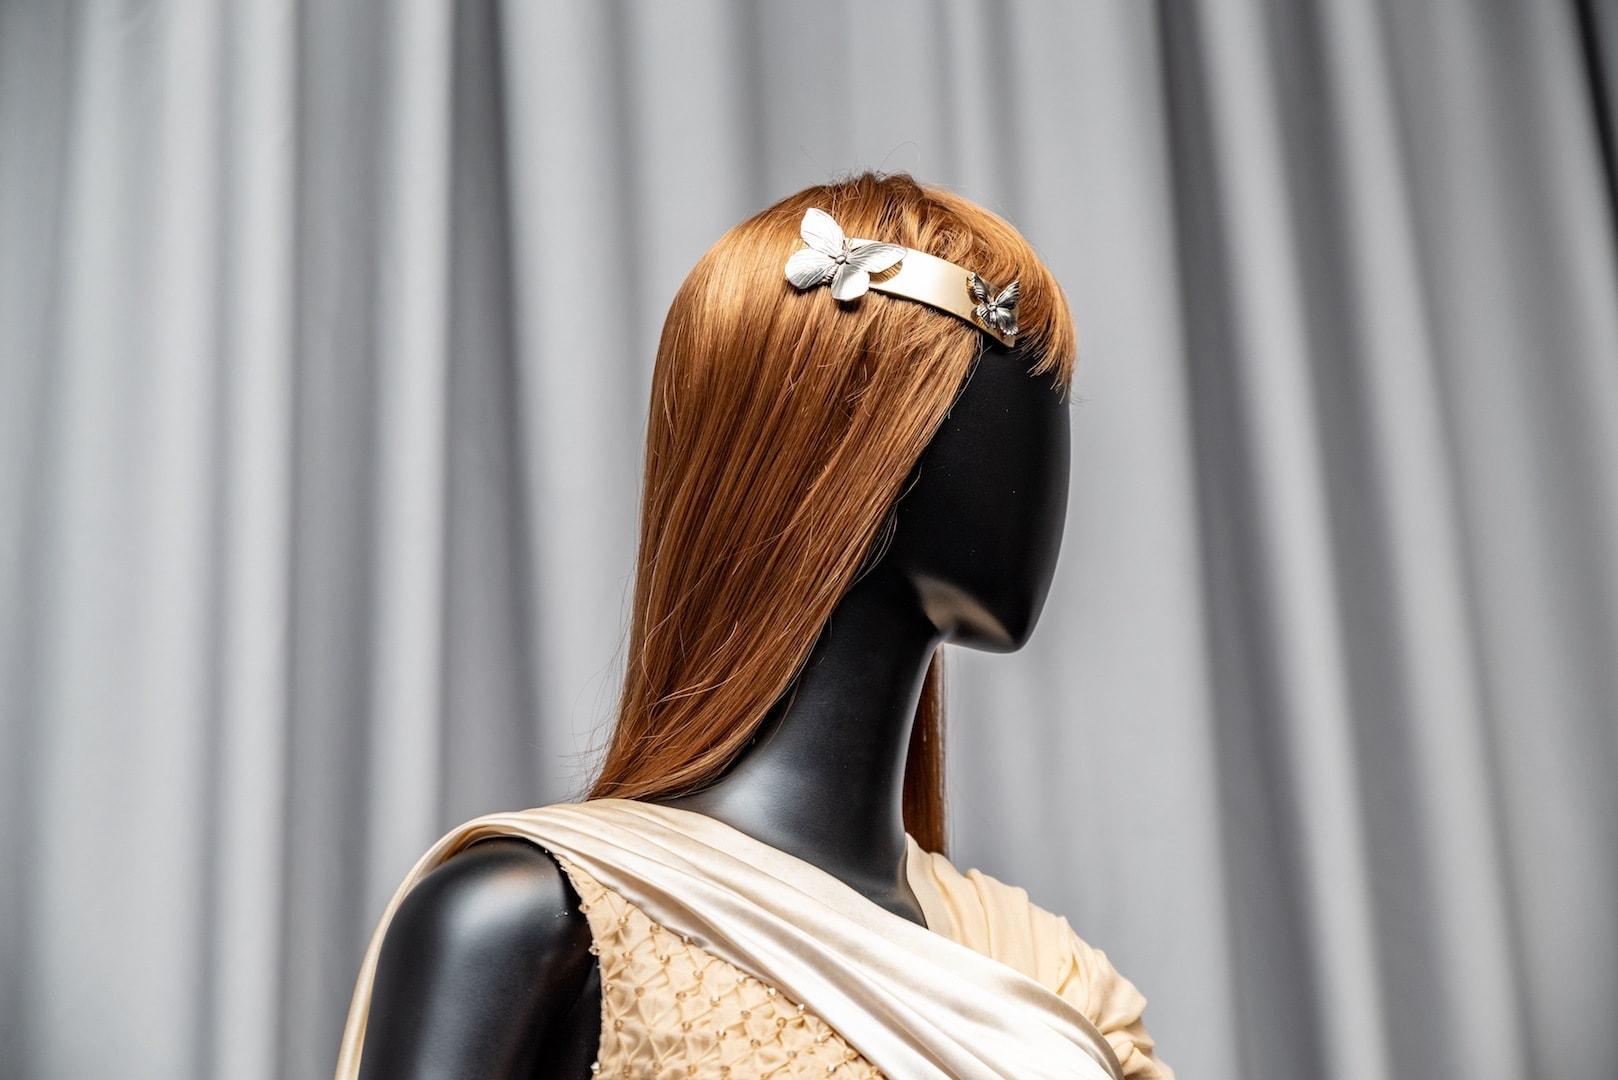 high fashion hairstyles: hair accessories